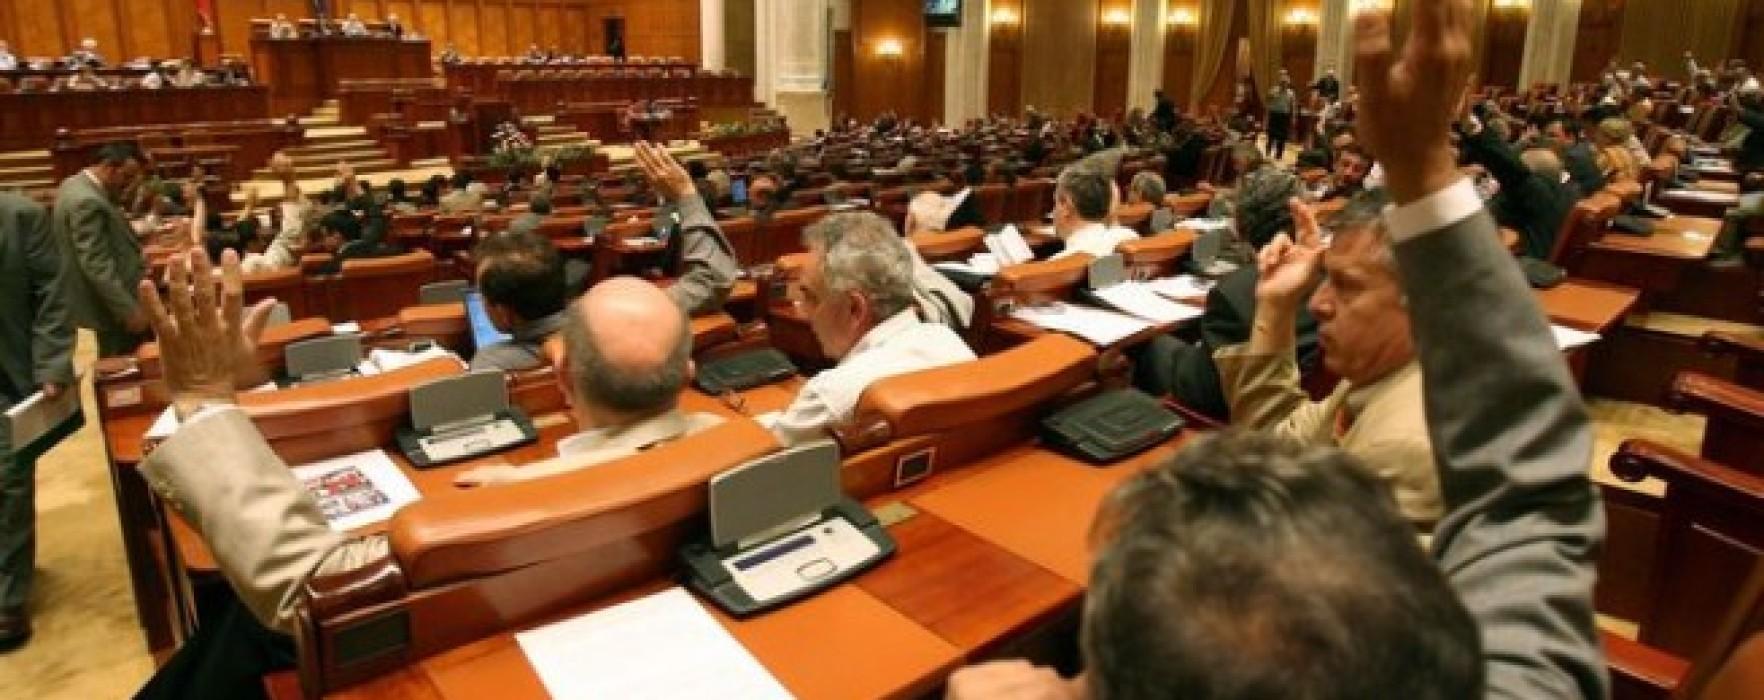 Aproape jumătate dintre parlamentarii de Dâmboviţa au plecat din partidul în care au fost aleşi